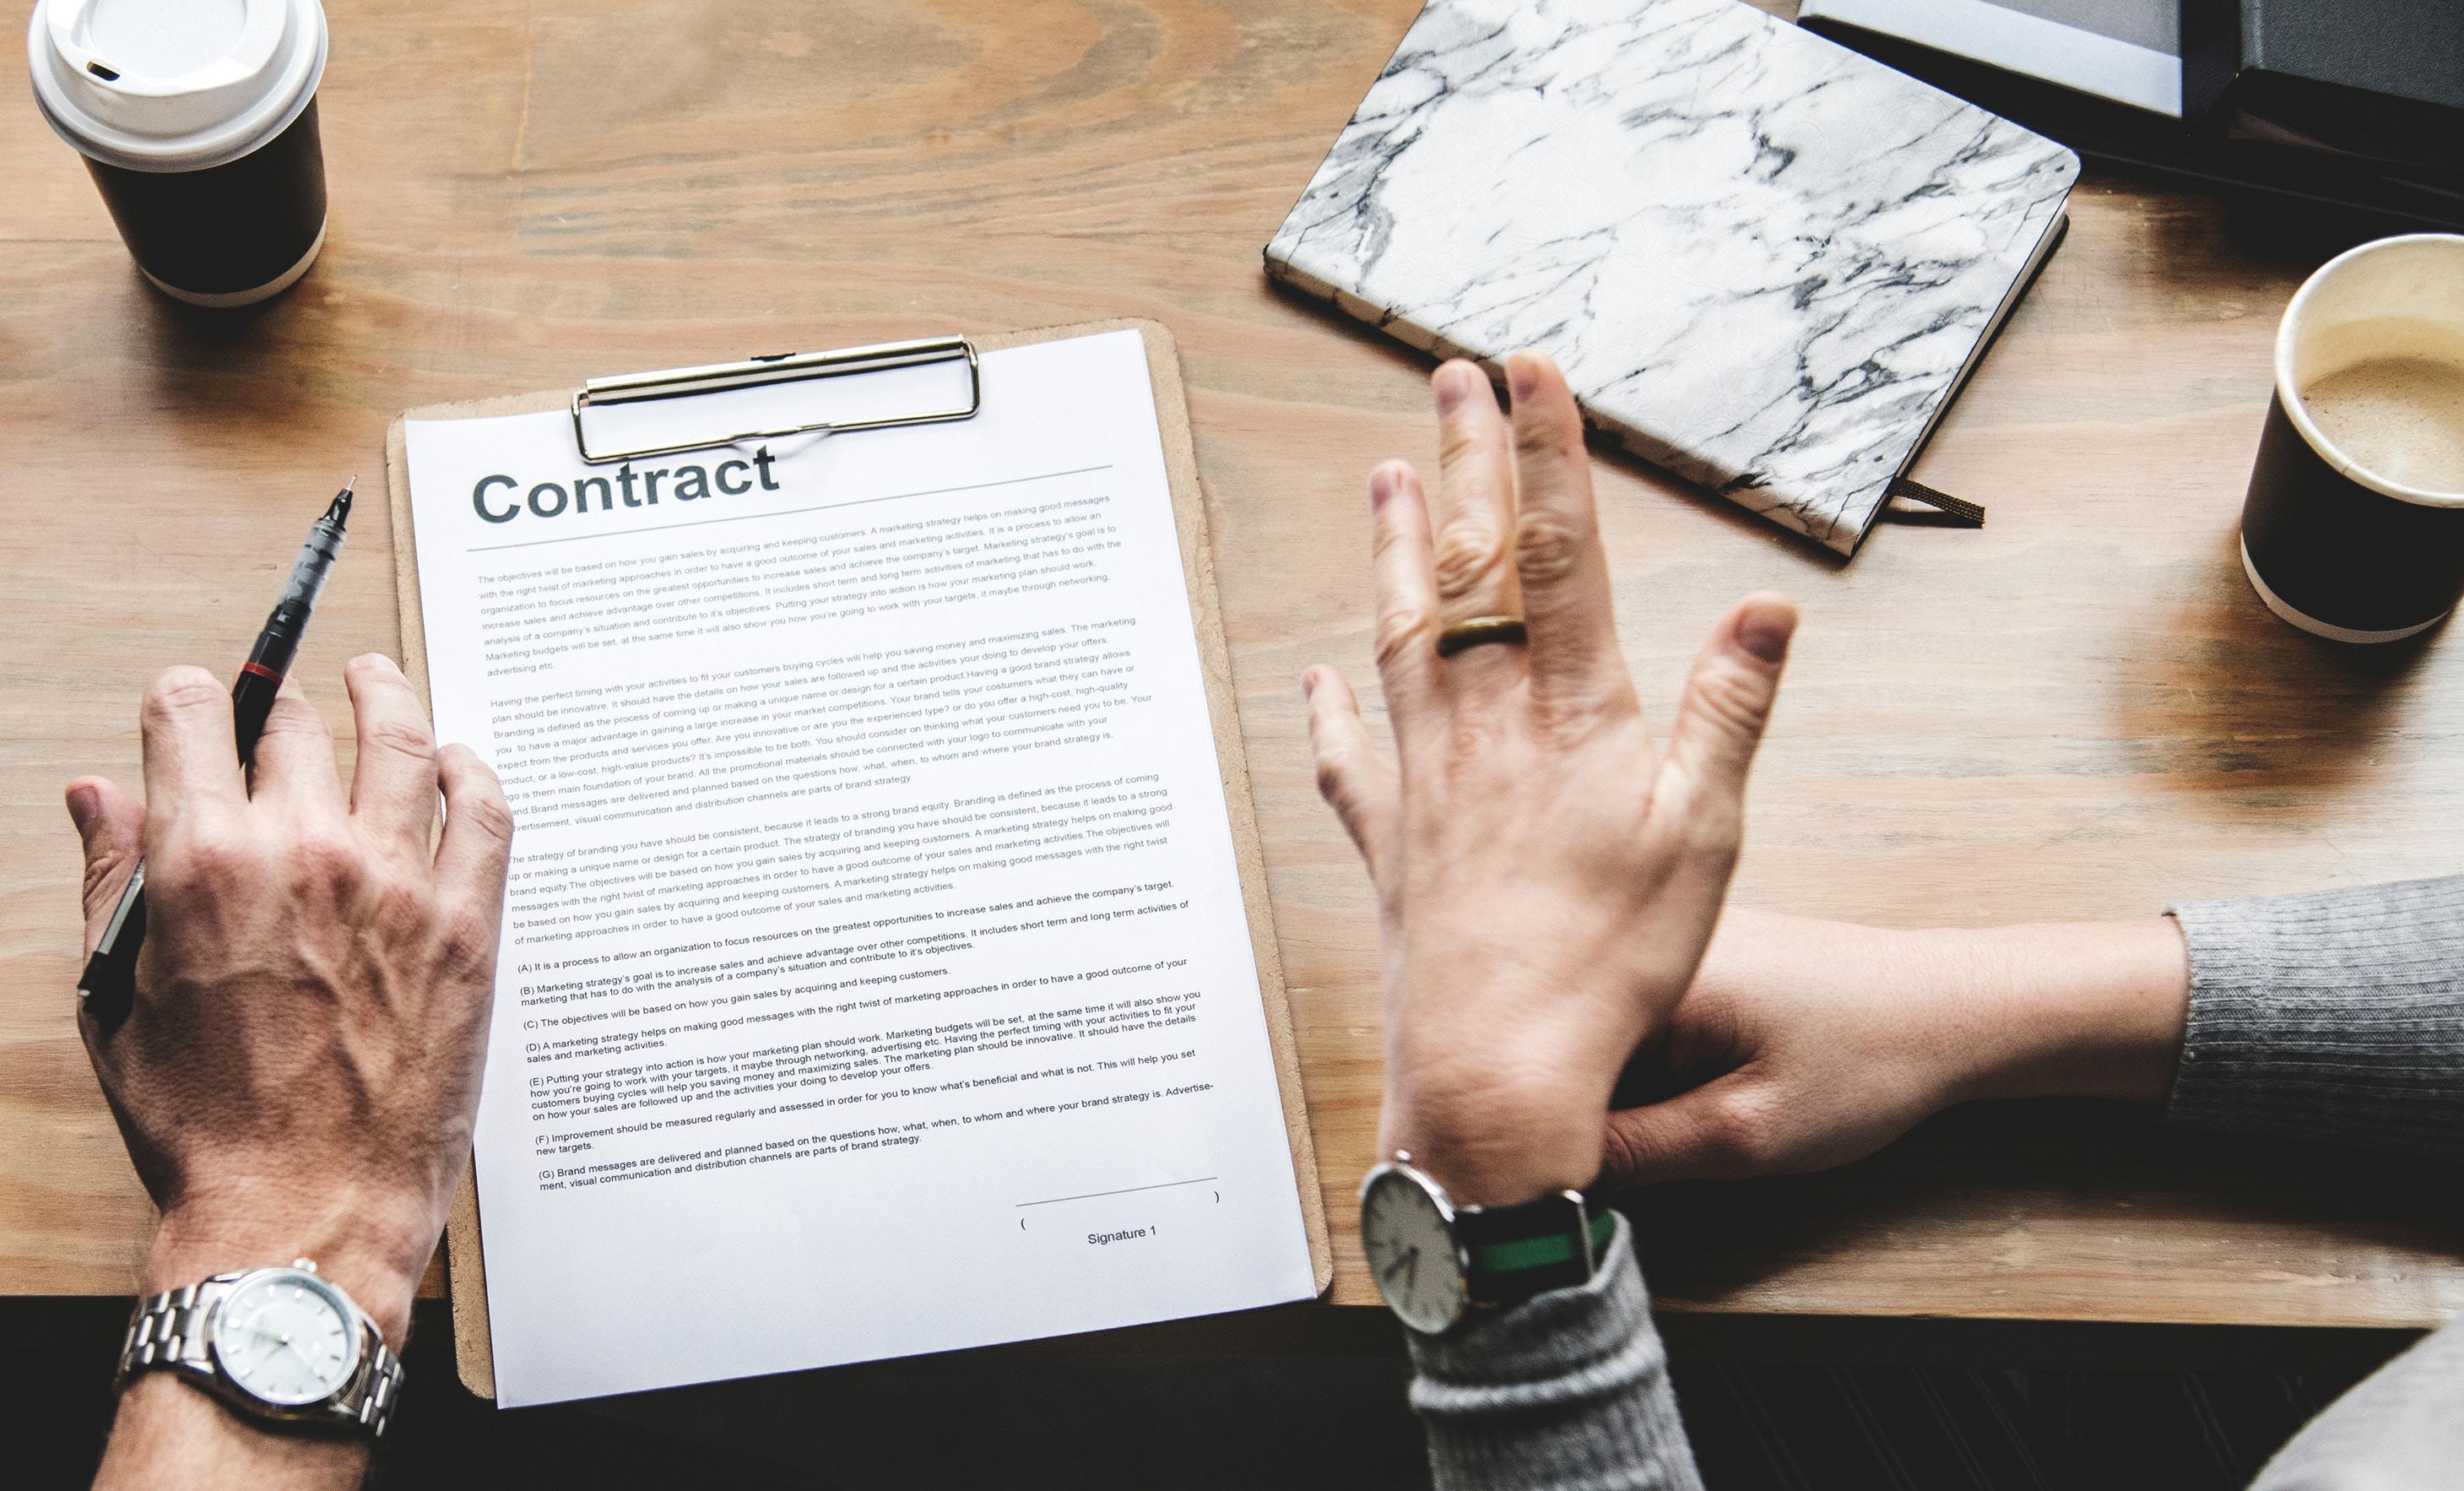 ¿Qué son los contratos bonificados? - Finutive